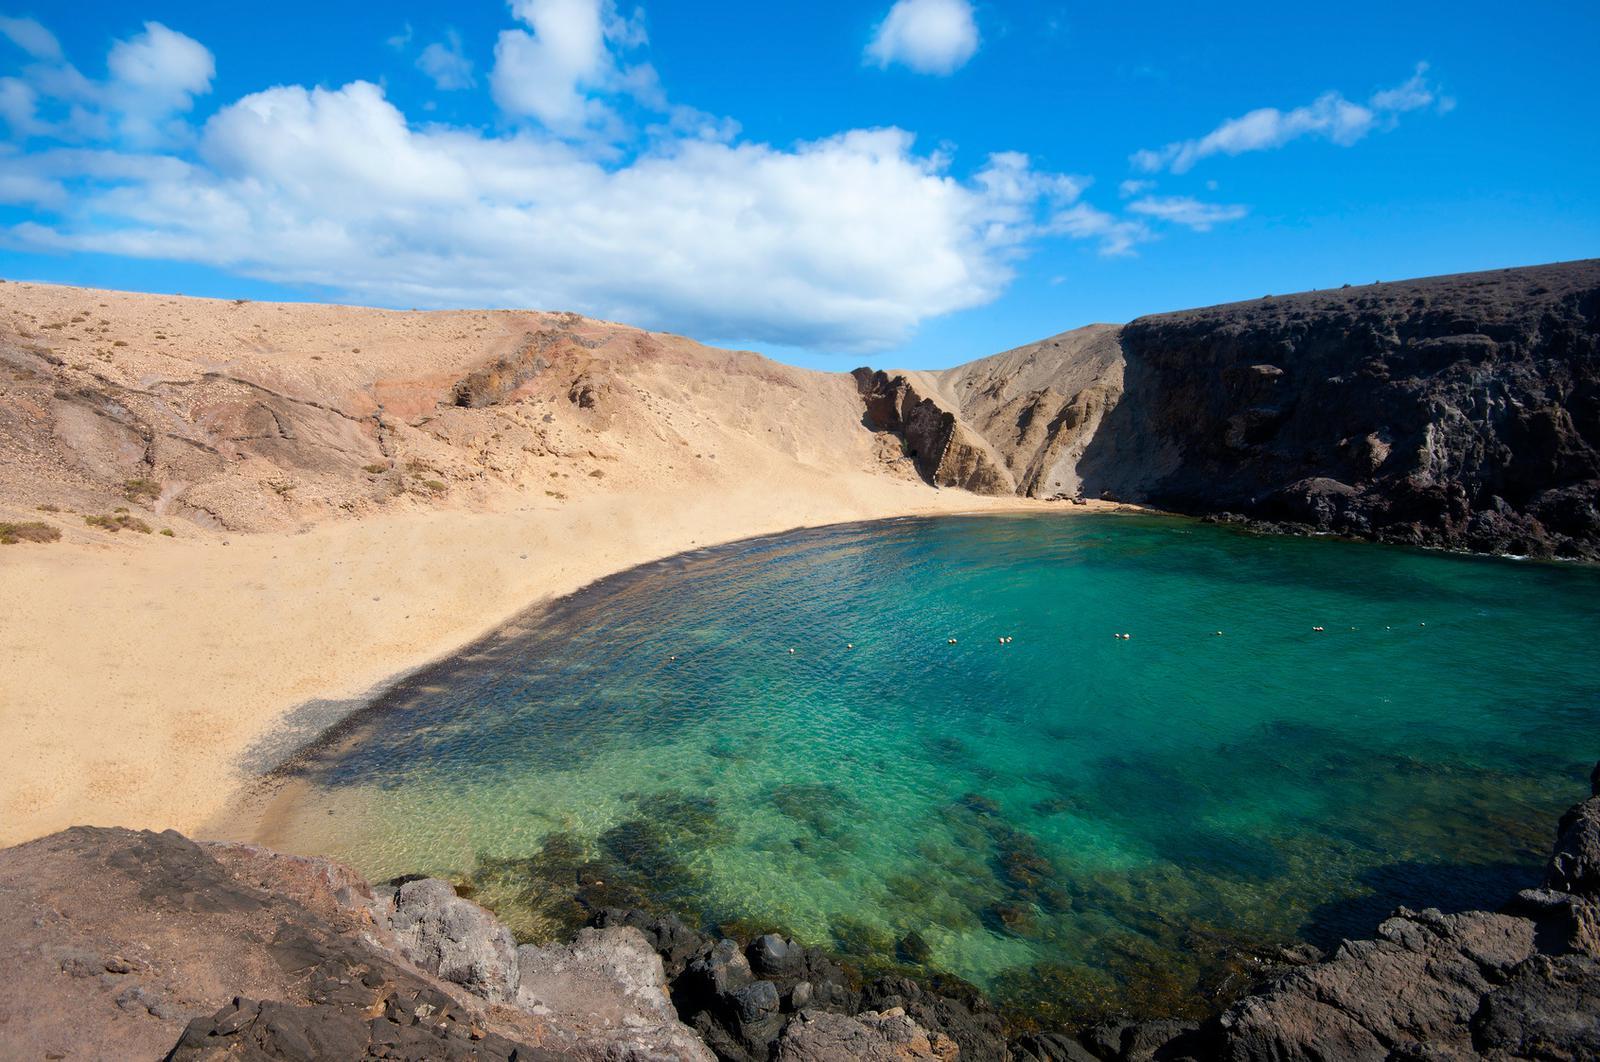 islas España Lanzarote, playa Papagayo, Islas Canarias.